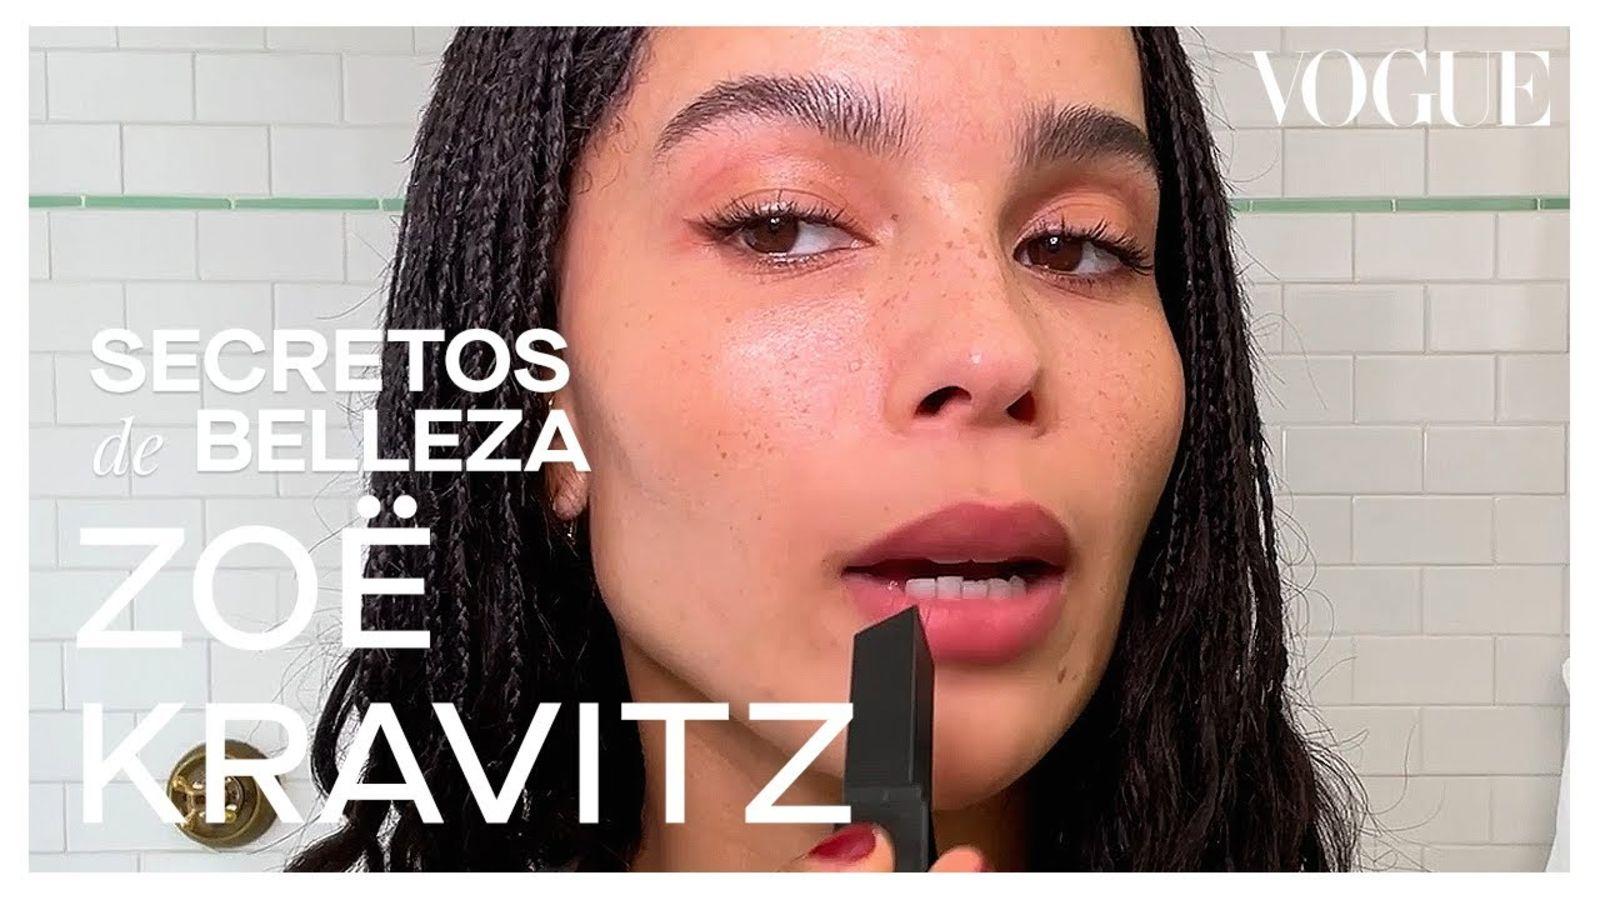 Zoë Kravitz, trucos para lucir como si no llevaras maquillaje | Secretos de Belleza | Vogue México